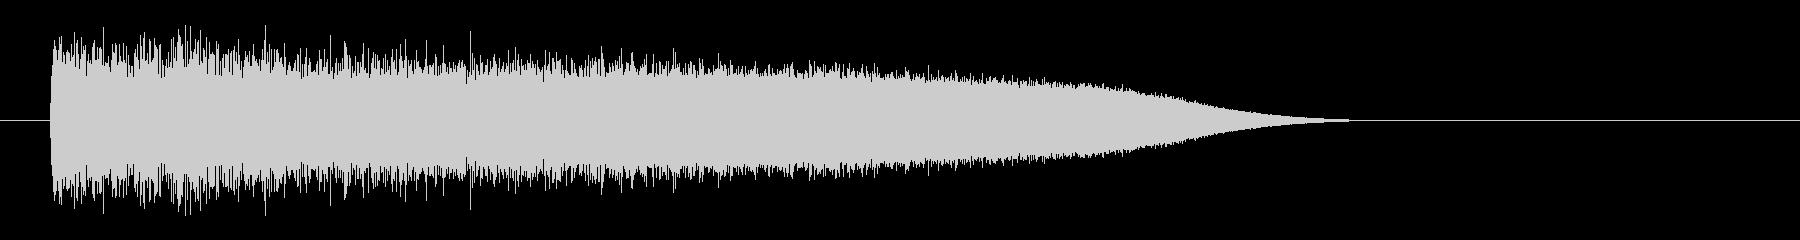 レーザー音-85-3の未再生の波形